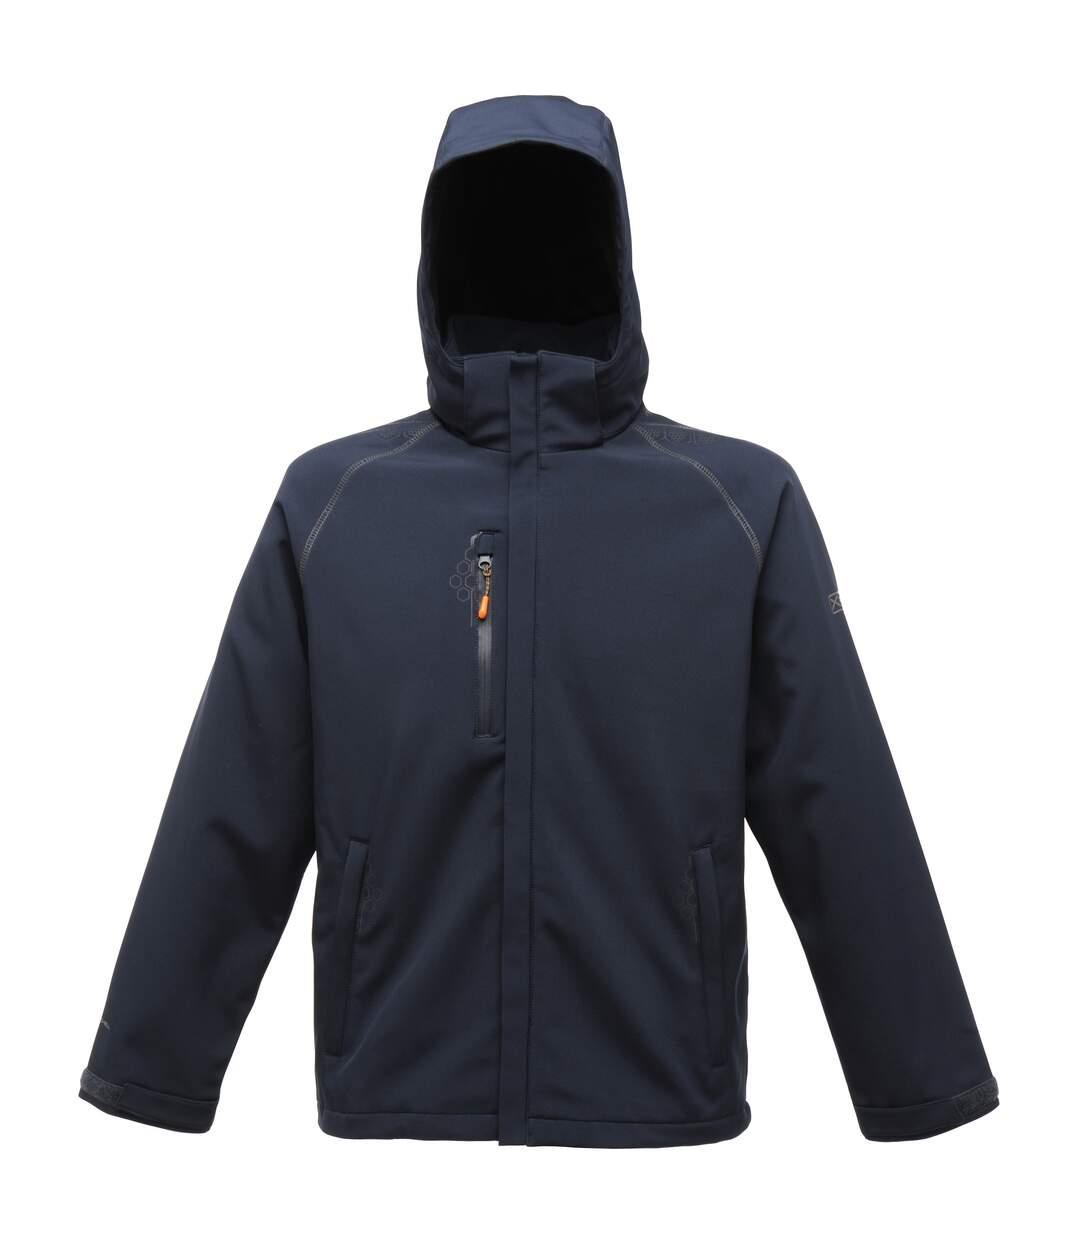 Regatta - Veste Softshell Repeller - Homme (Bleu marine) - UTRG1526